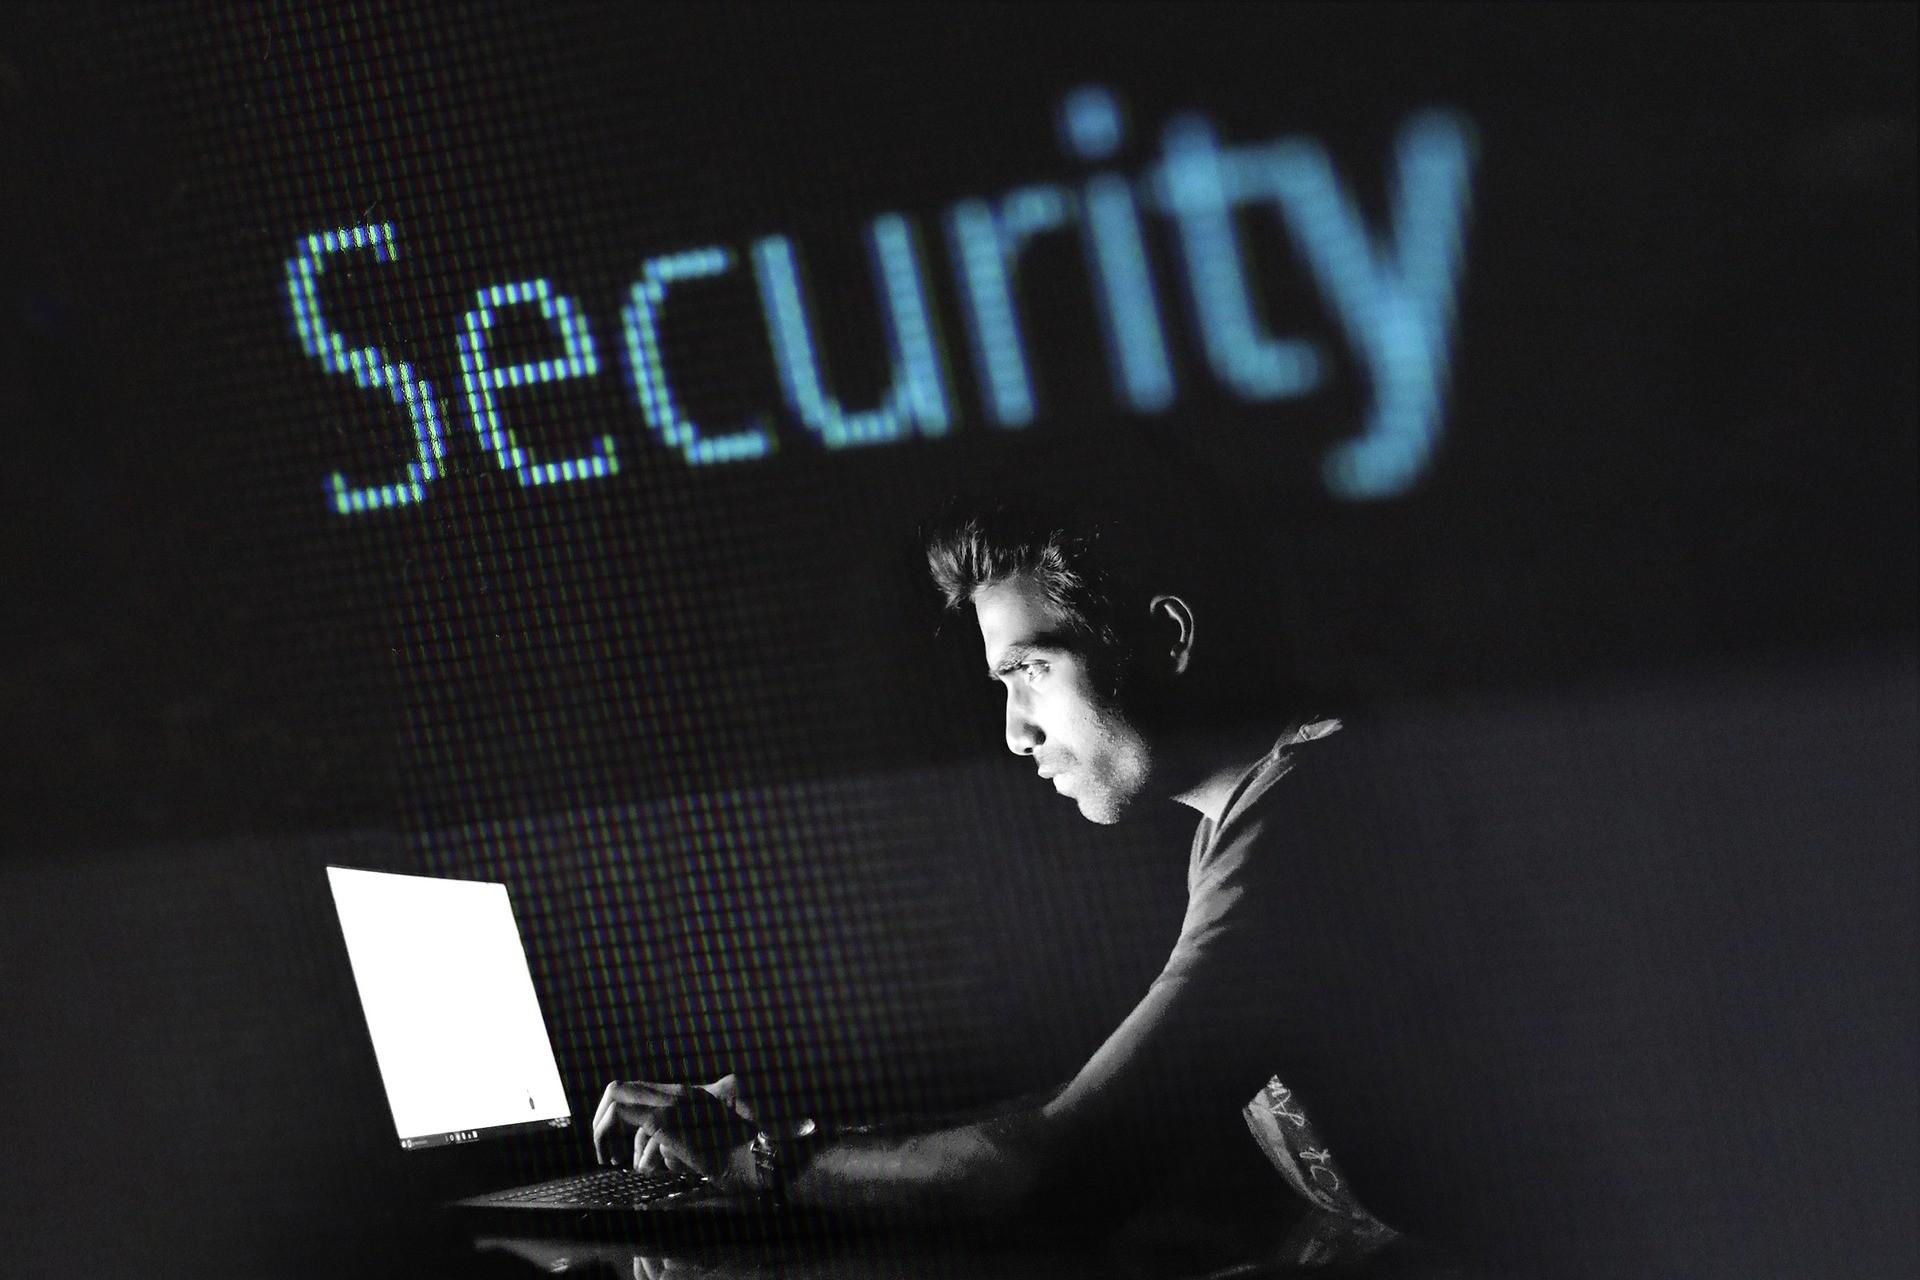 滴滴出行,國家網信辦,資安,數據,運滿滿,貨車幫,BOSS直聘,網路安全,資訊戰,網路戰